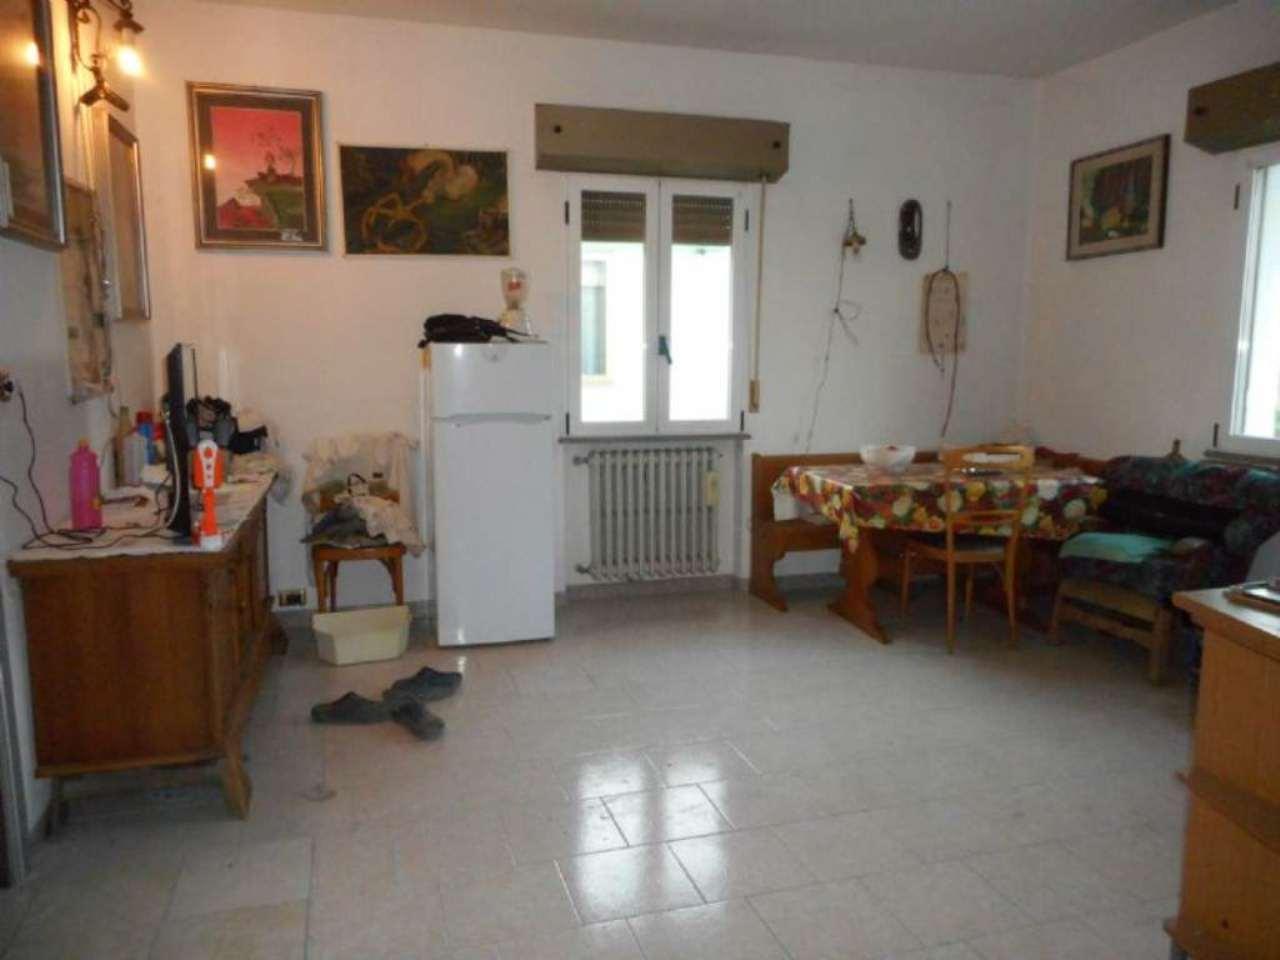 Soluzione Indipendente in vendita a Rimini, 12 locali, prezzo € 490.000 | Cambio Casa.it